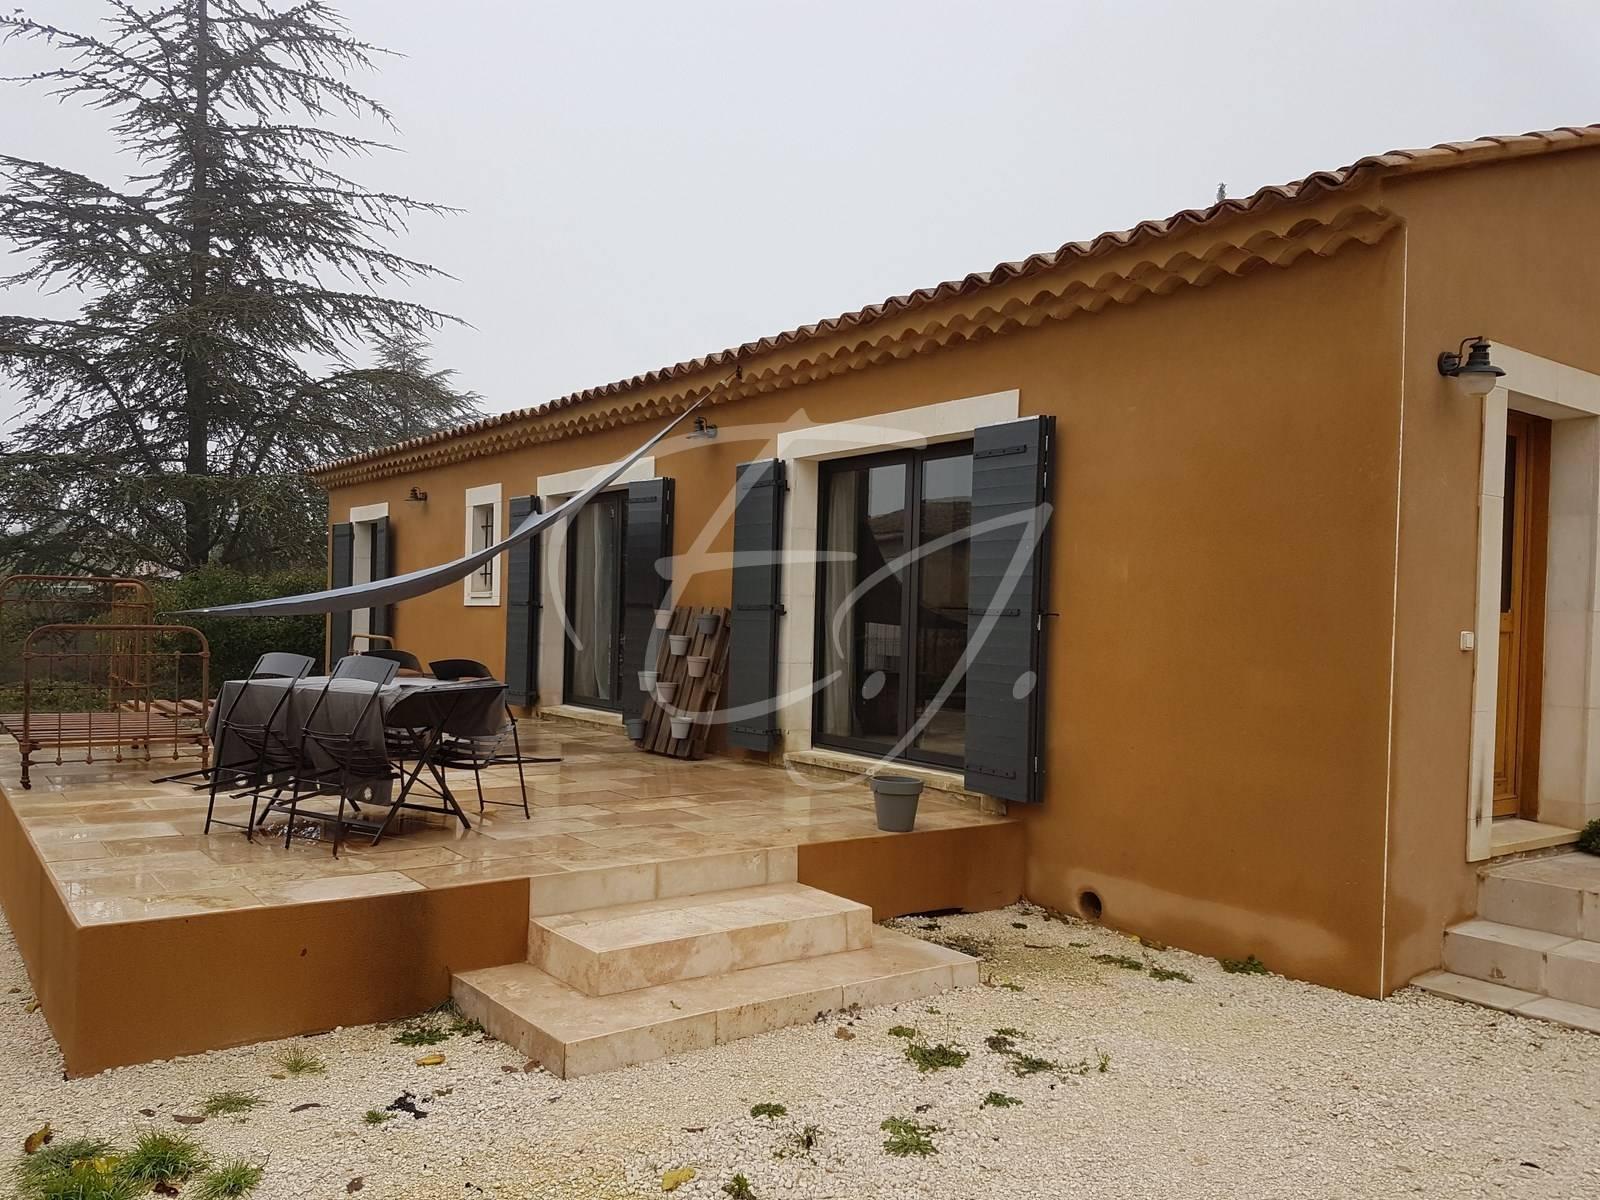 Petite maison de village rénovée à vendre Luberon - L\'Escale Immobilière